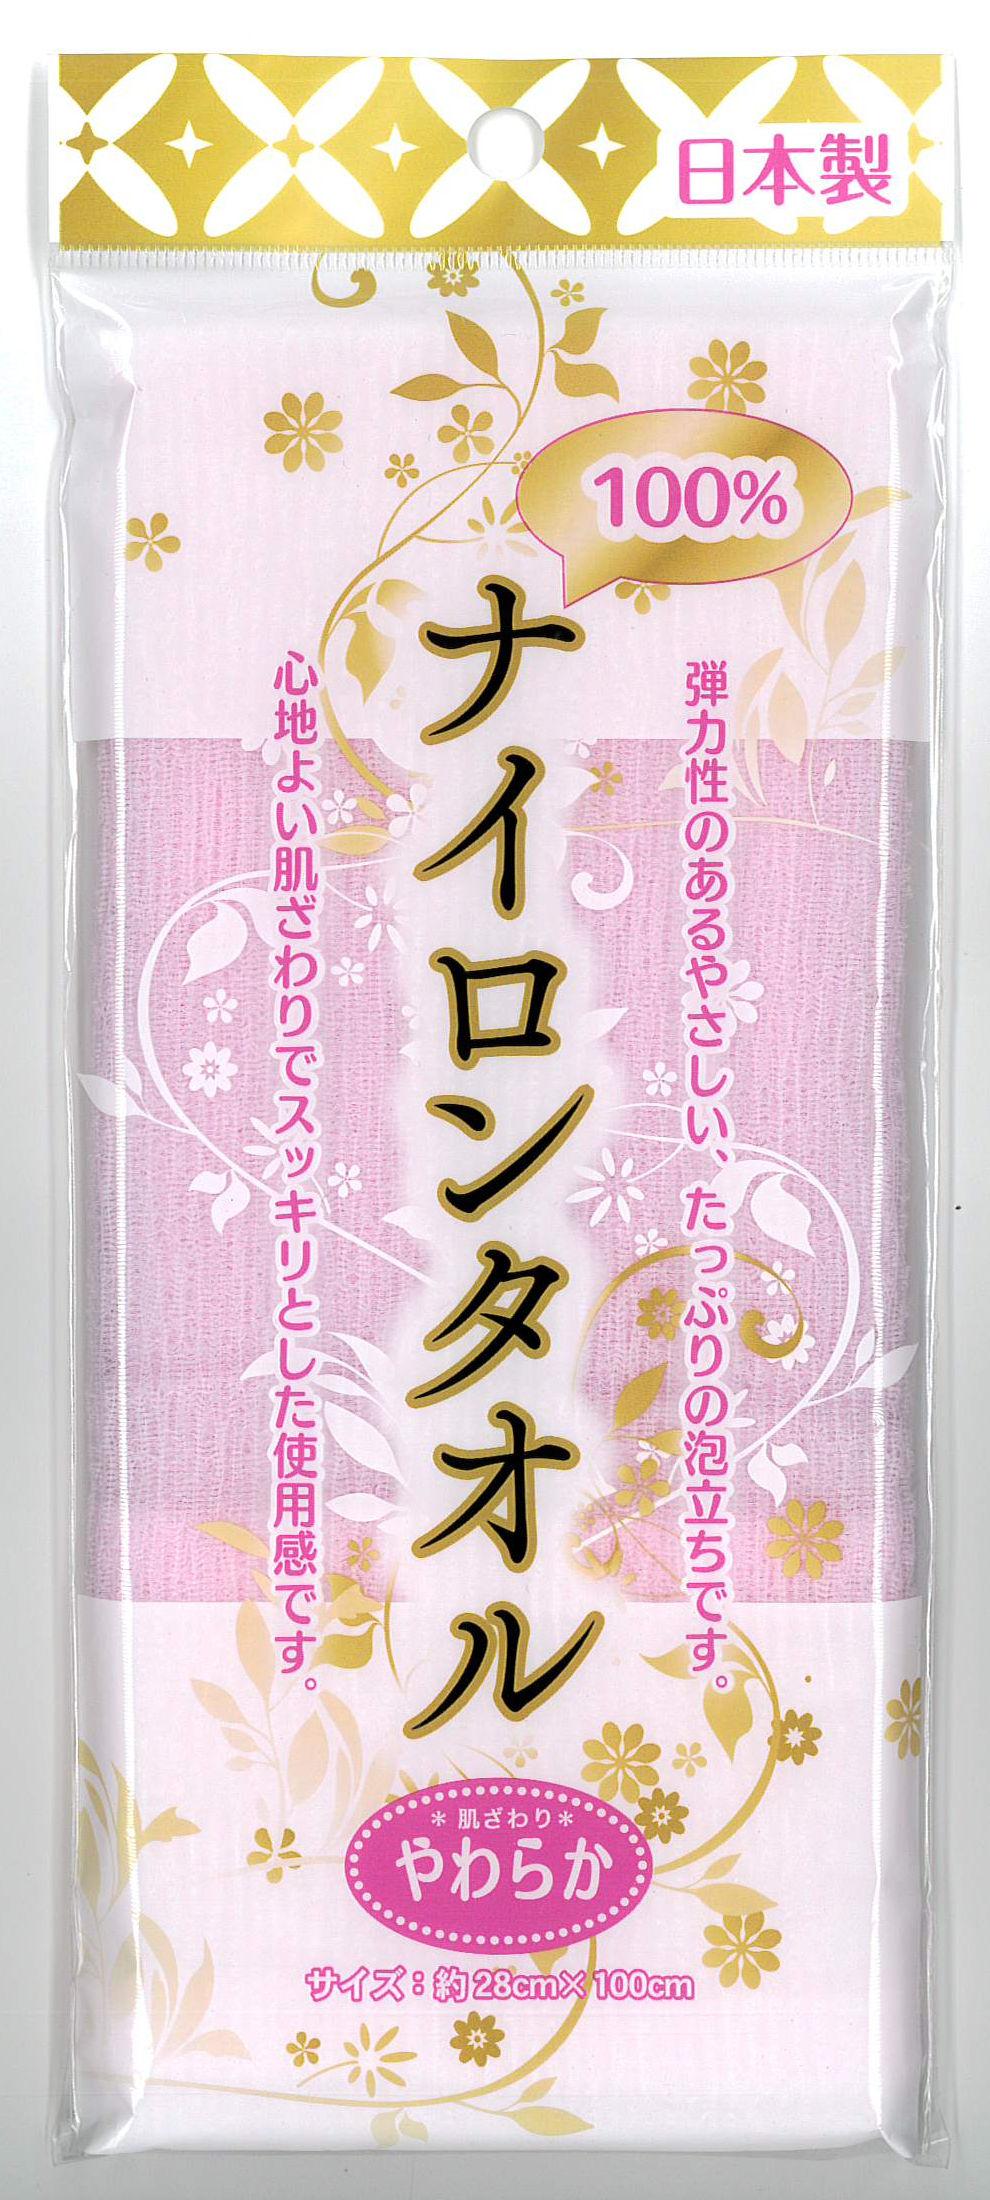 日本製ナイロンタオル やわらか ピンク